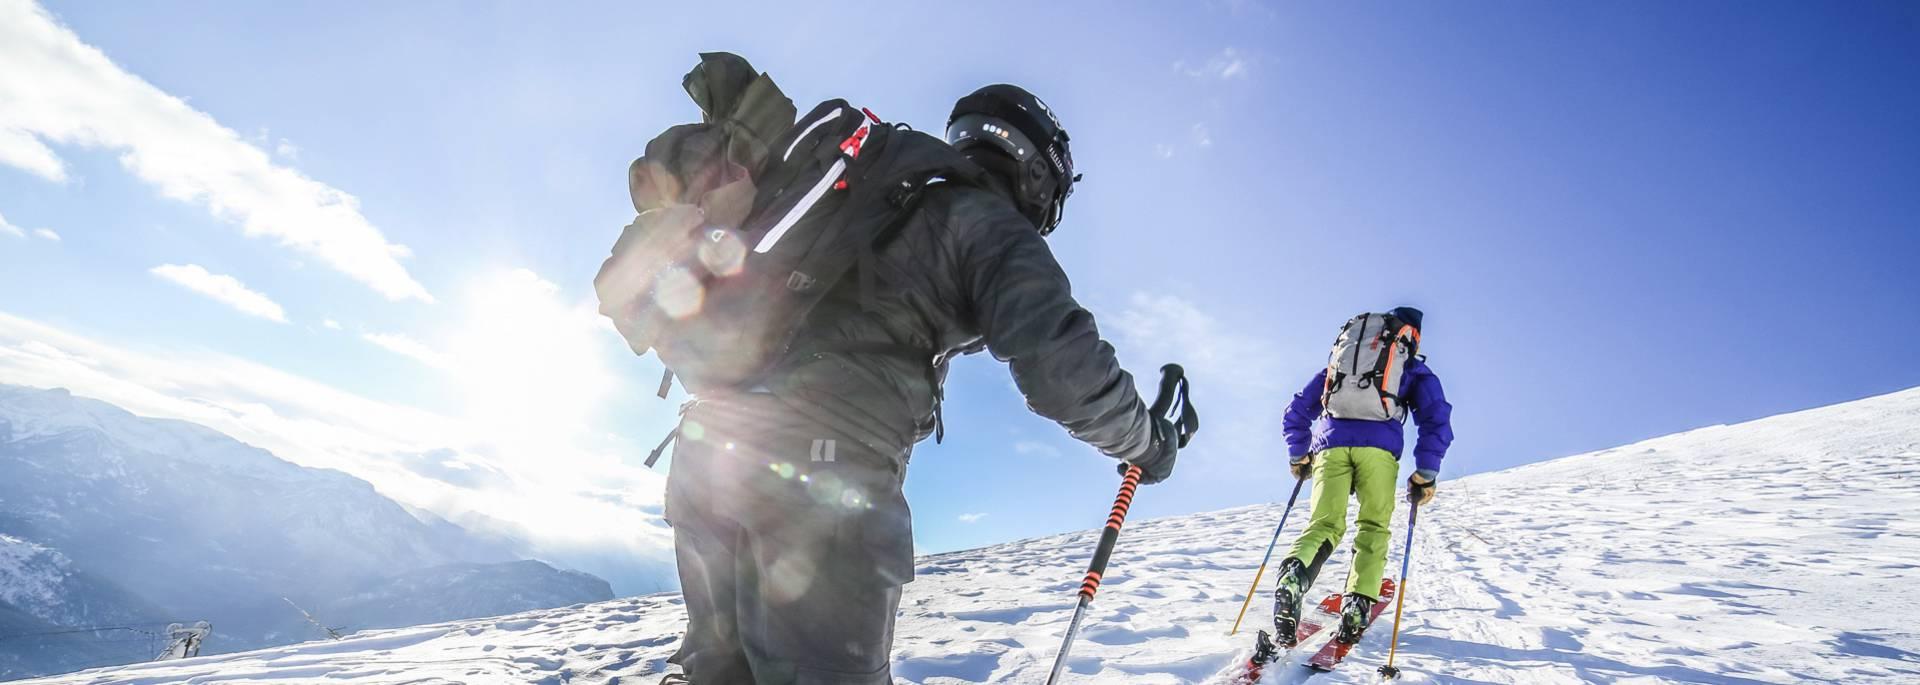 Ski Rando dans les hautes-alpes